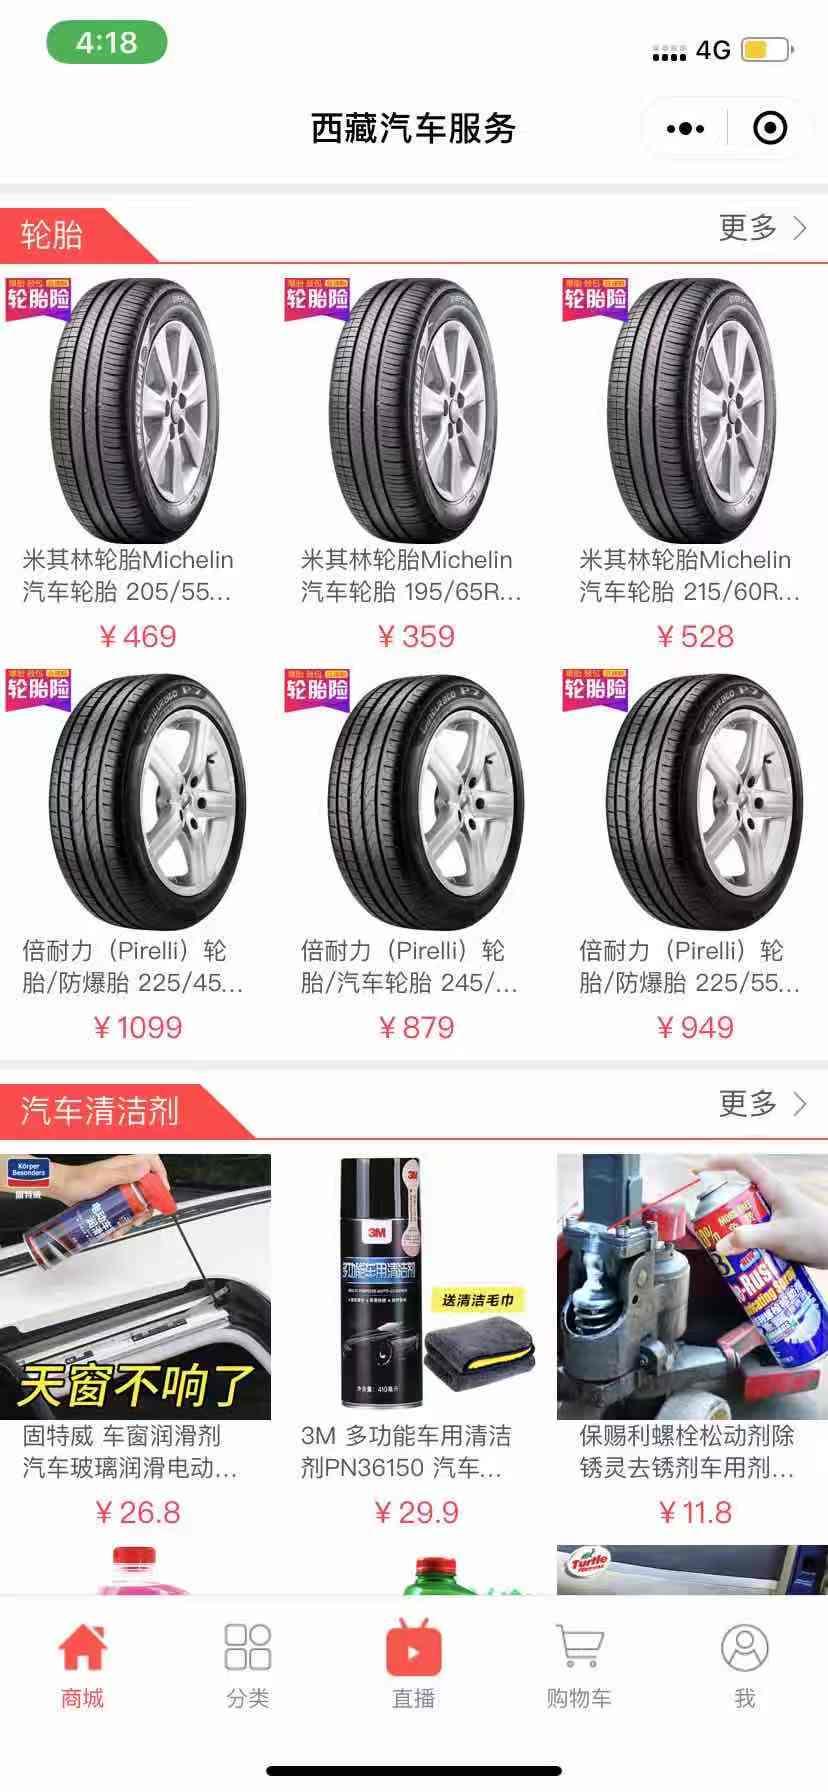 西藏汽车服务整合行业招商运营资源的专业平台